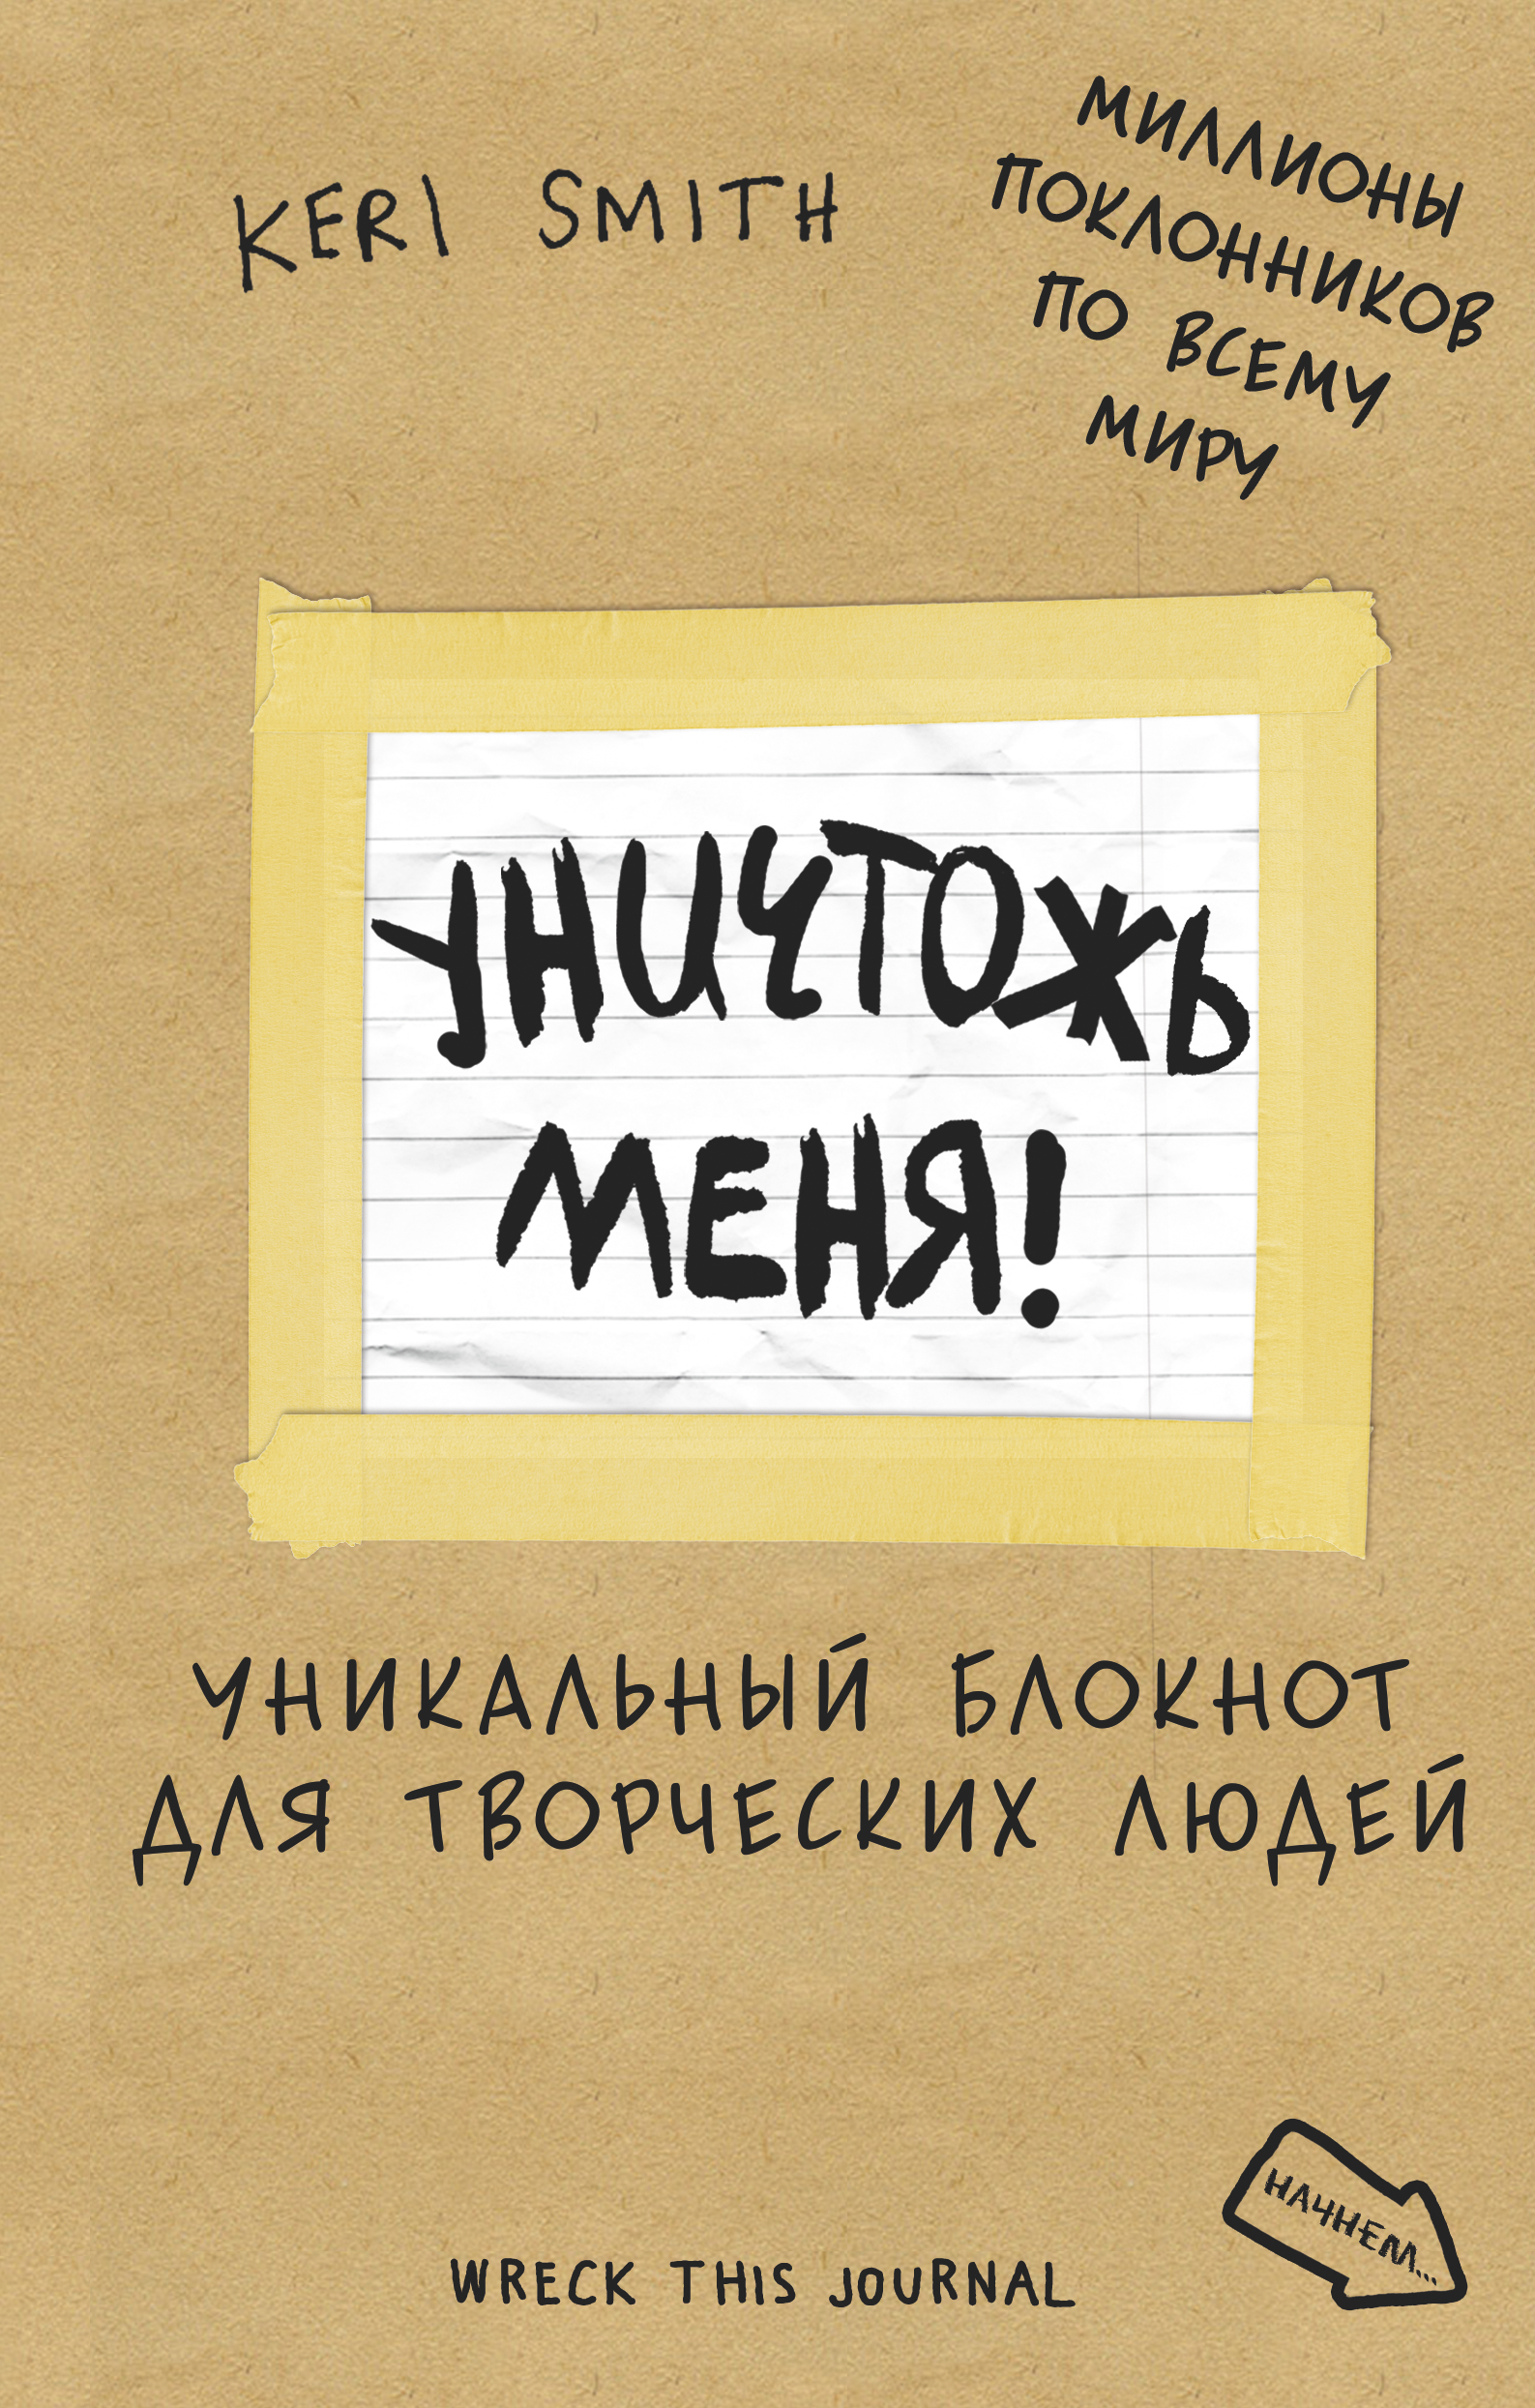 Уничтожь меня! Уникальный блокнот для творческих людей (лимитированная крафтовая обложка, русское название)